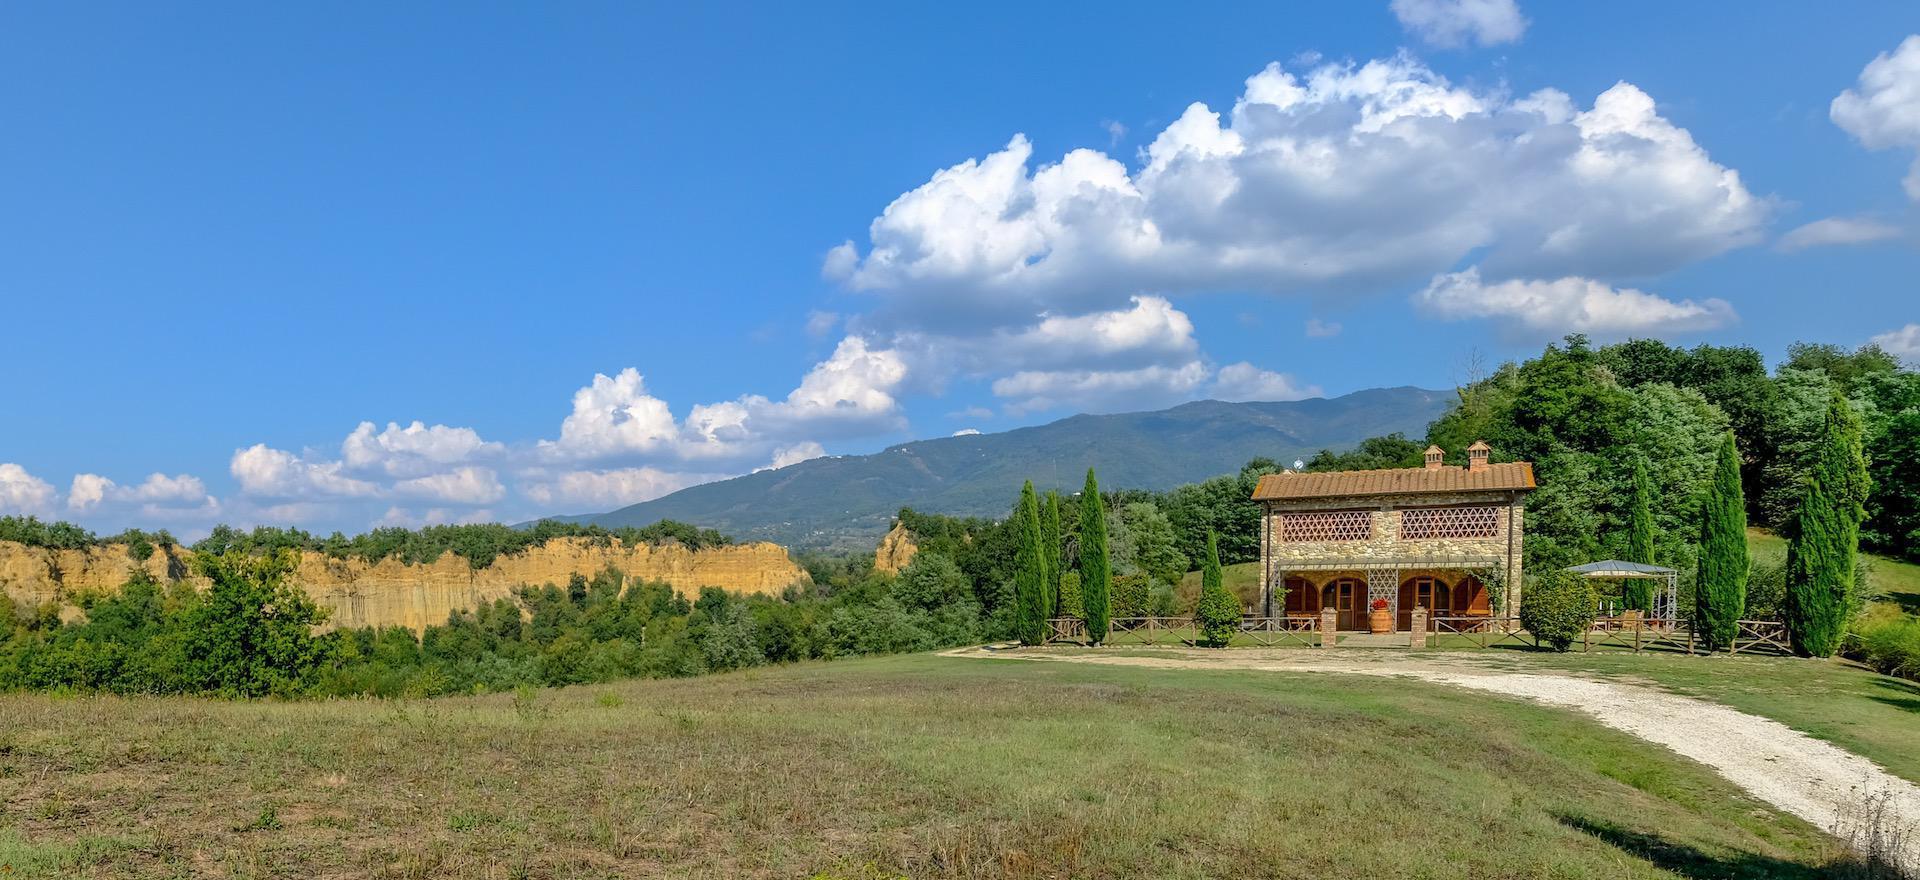 Agriturismo Toscane Agriturismo bij Florence op prachtig landgoed